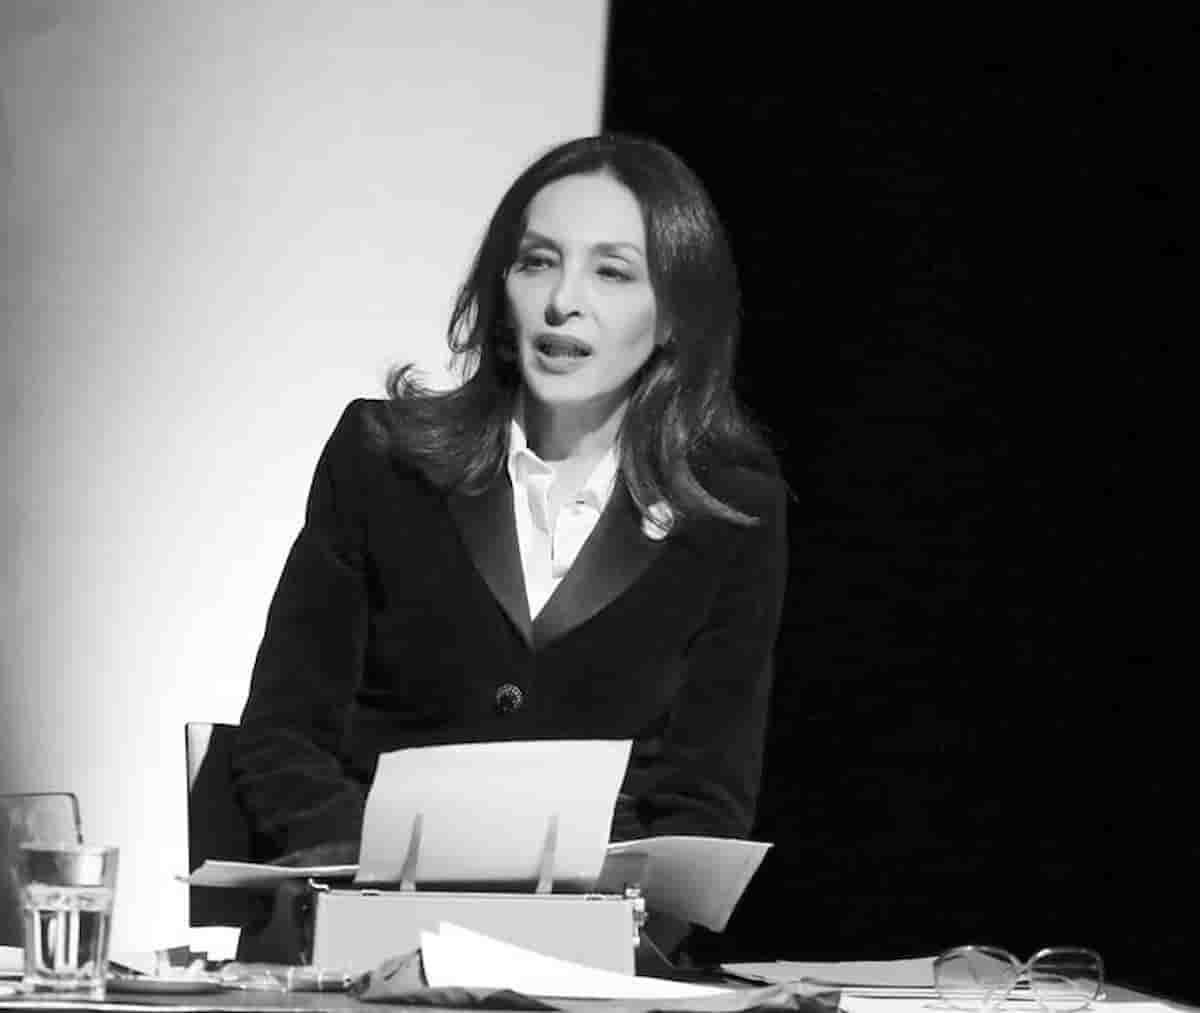 Maria Rosaria Omaggio chi è: età, altezza, marito, figli, vita privata,  carriera dell'attrice ospite a Oggi è un altro Giorno